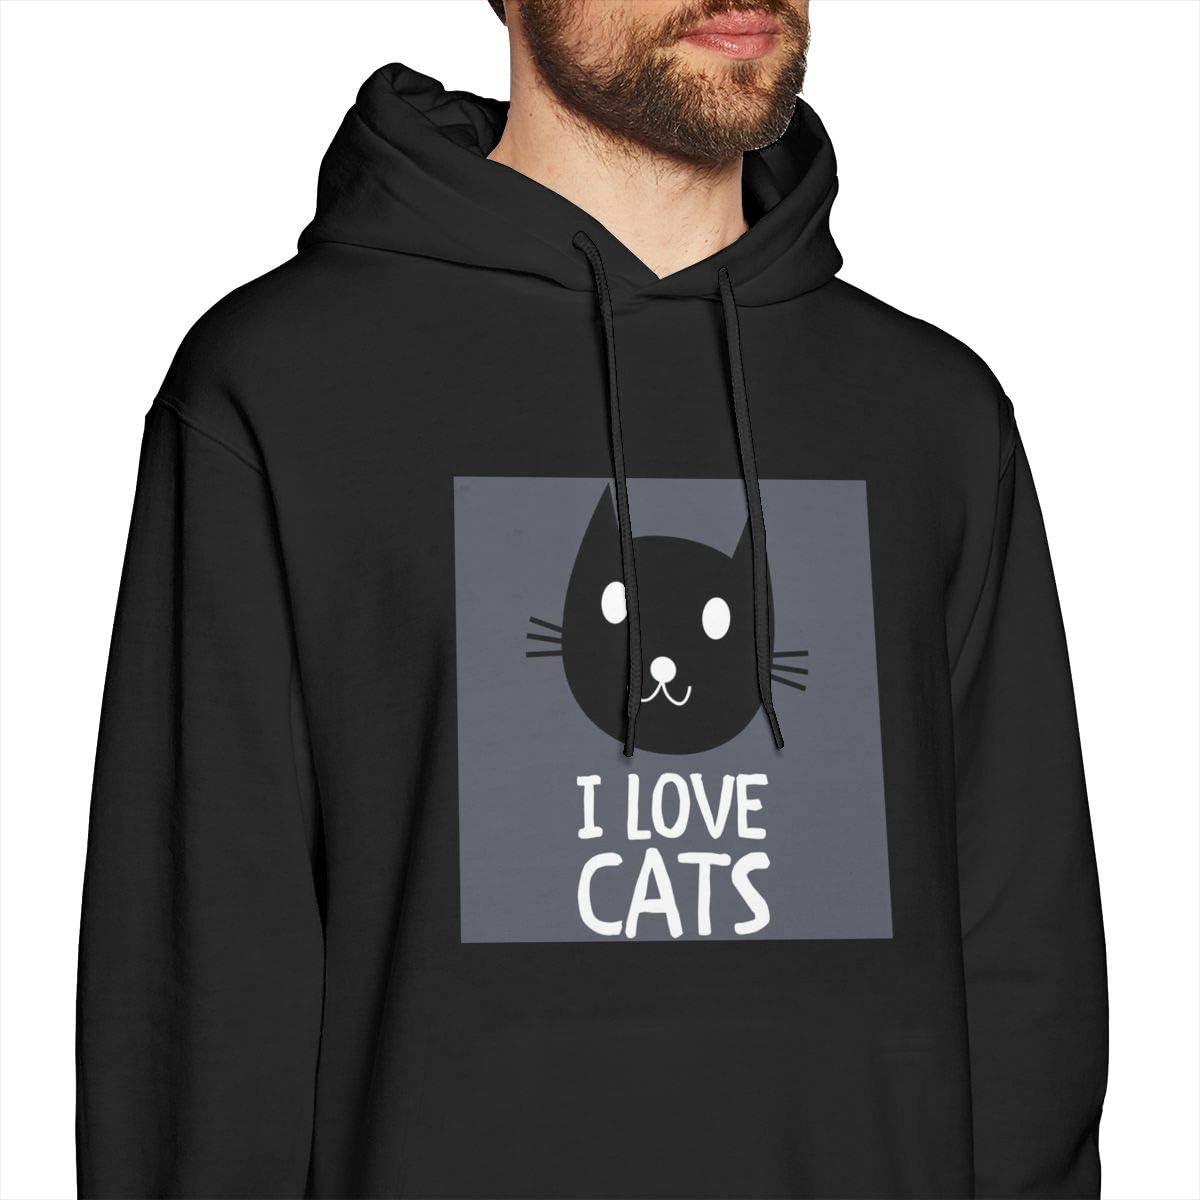 I Love Cats Mens Hooded Sweatshirt Theme Printed Fashion Hoodie